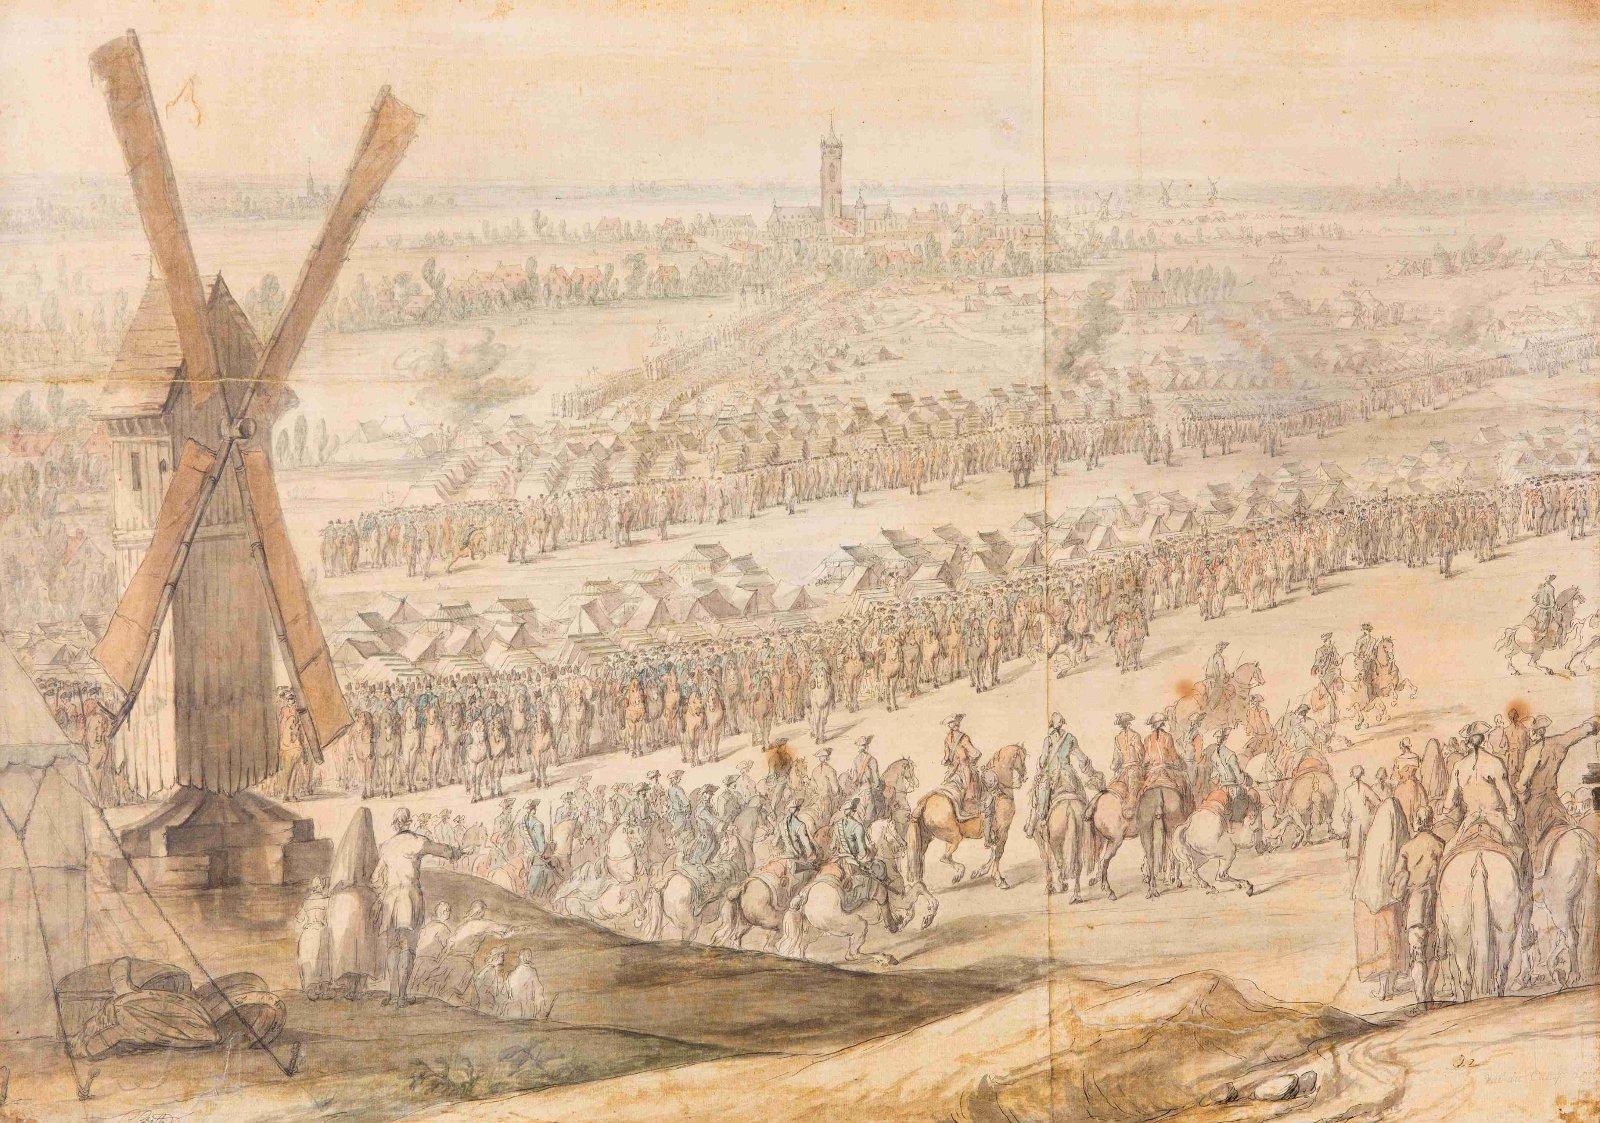 La vie interne au corps dans les armées de Louis XV Batailleun